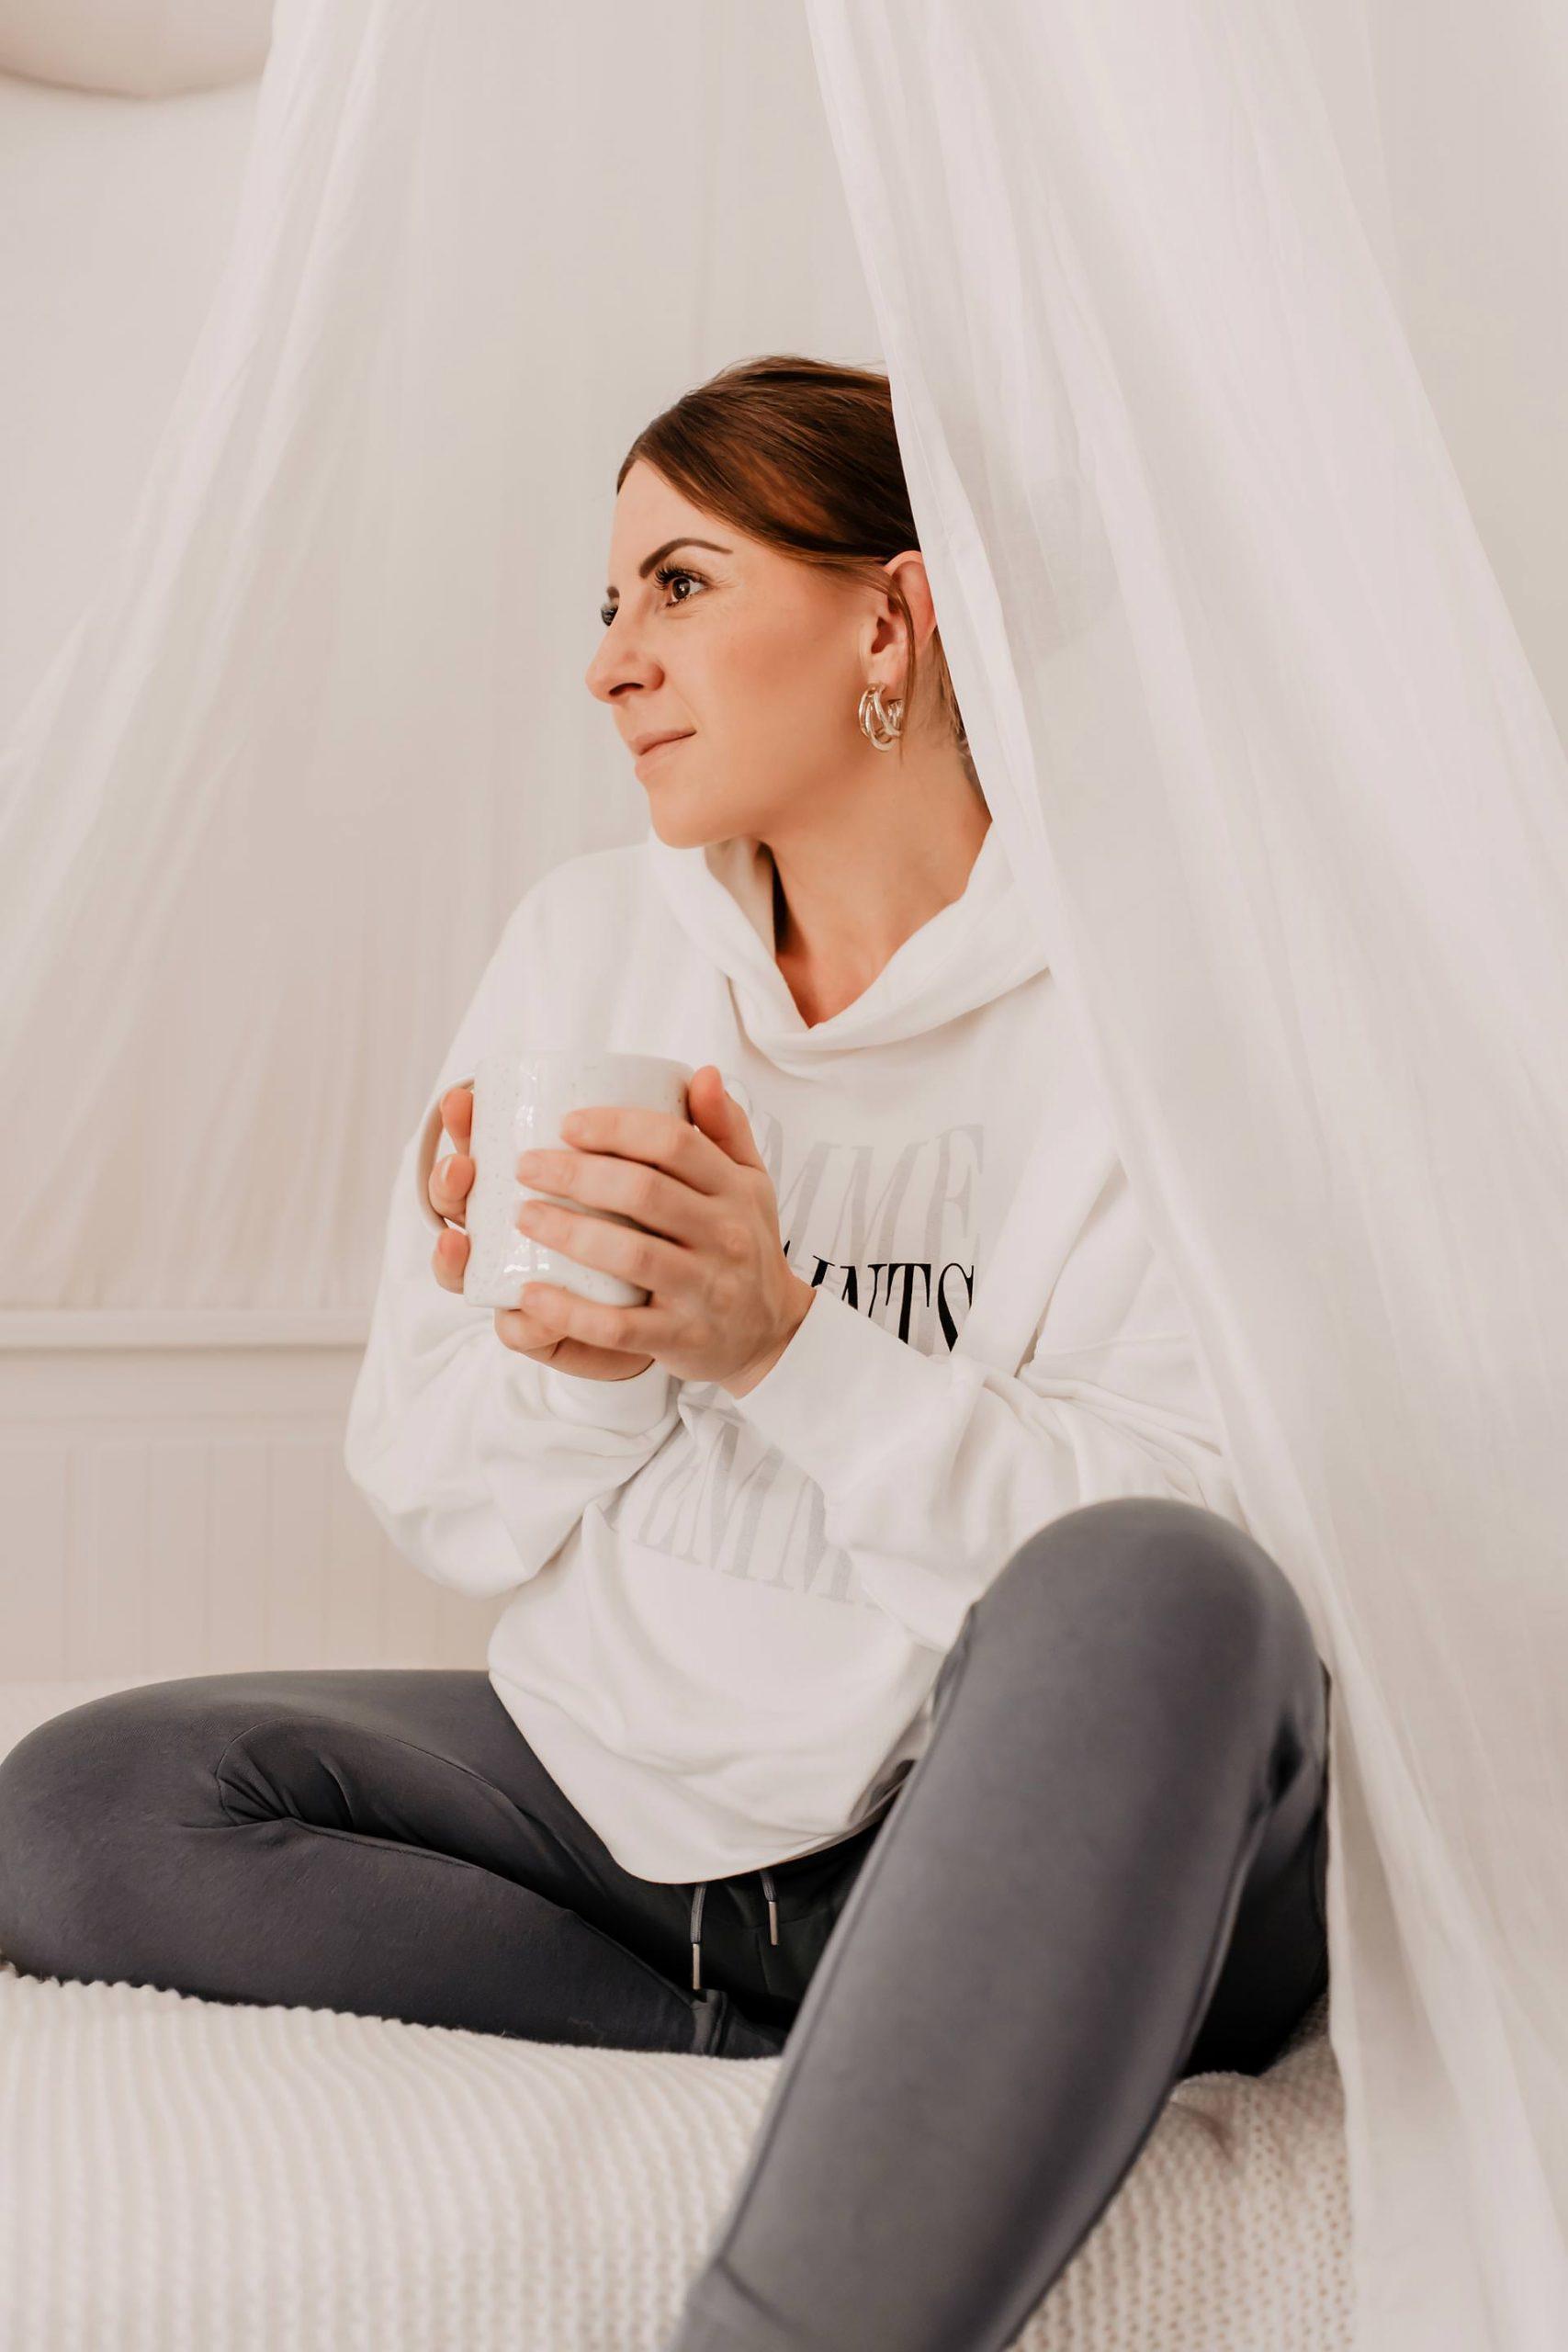 Wir fühlen uns gestresst und sind ständig angespannt und nervös. Mit meinen 7 Tipps gegen innere Unruhe kommst du von nun an entspannt durch den Alltag! www.whoismocca.com